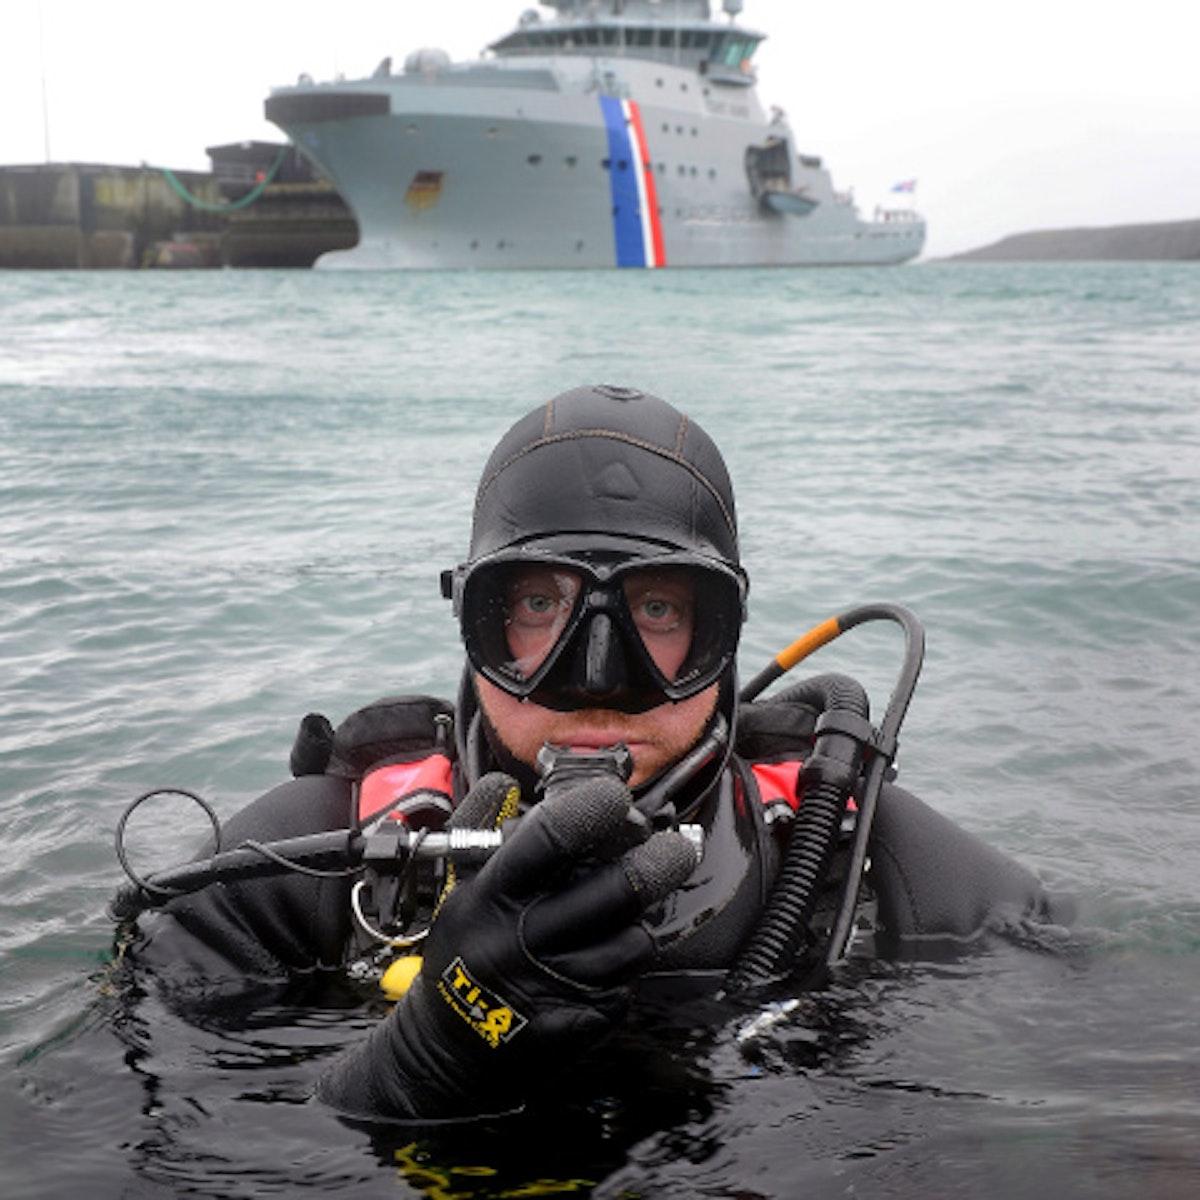 عنصر من فرقة غواين التابعة للقوات البحرية البريطانية خلال تدريب عسكري - royalnavy.mod.uk